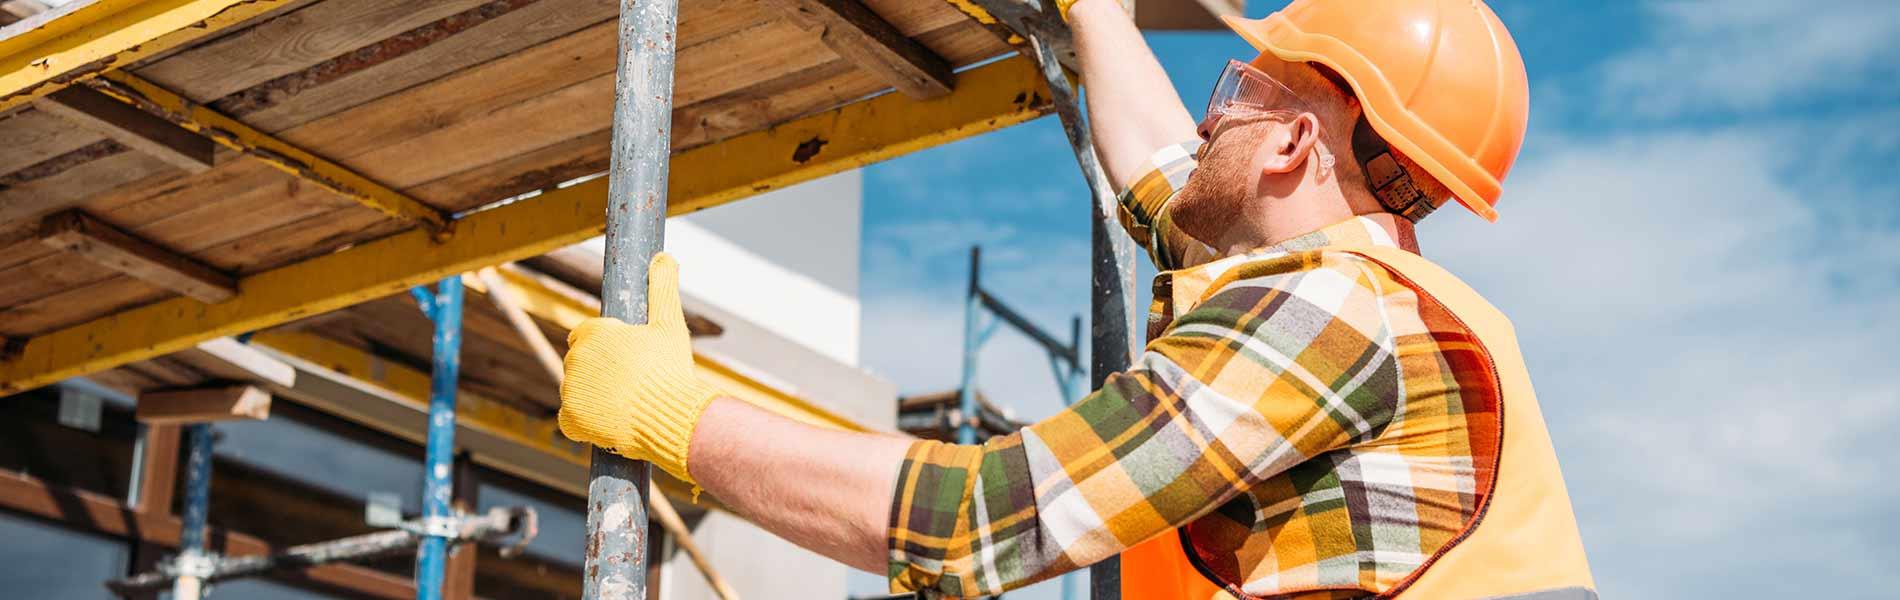 Stillads 365, en komplet virksomhedsløsning til stilladsbranchen